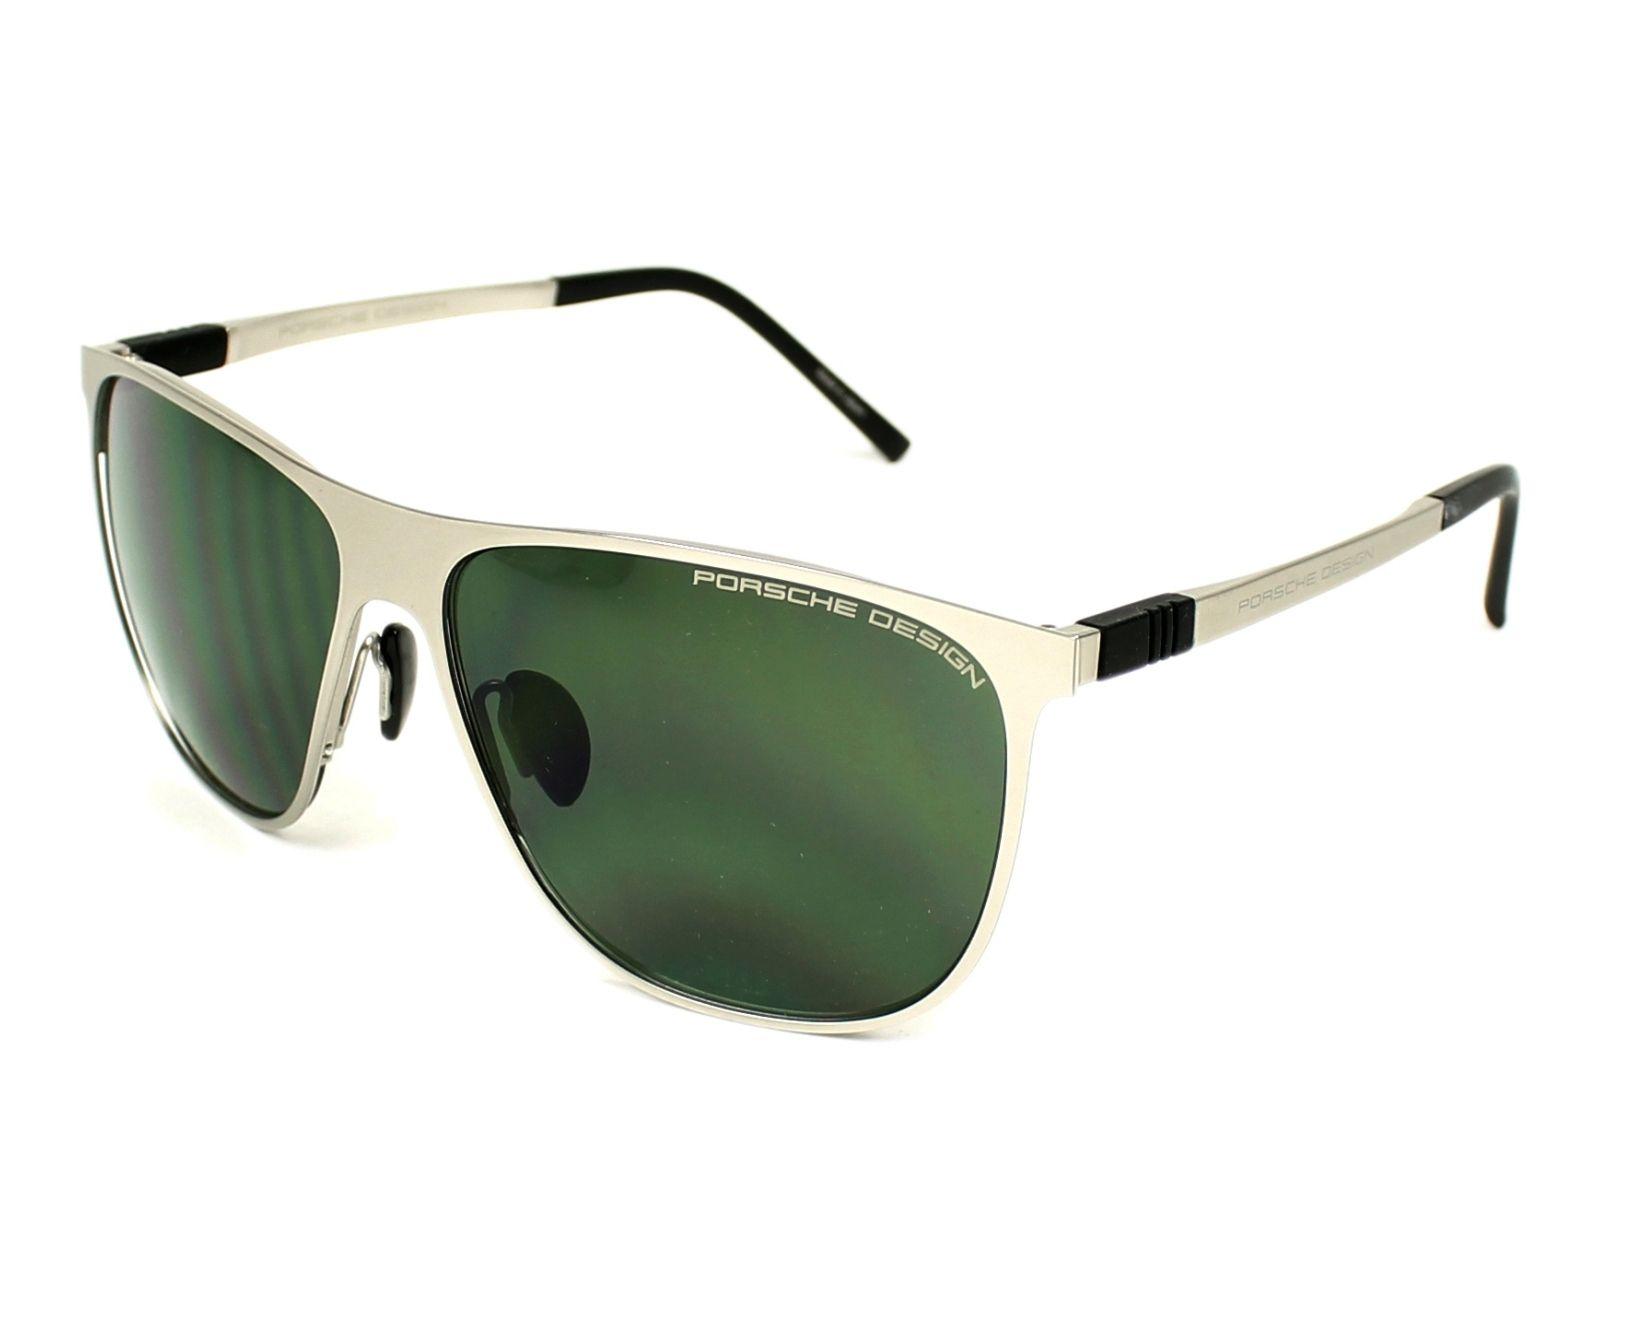 lunettes de soleil porsche design p 8609 c or avec des verres gris vert pour hommes. Black Bedroom Furniture Sets. Home Design Ideas